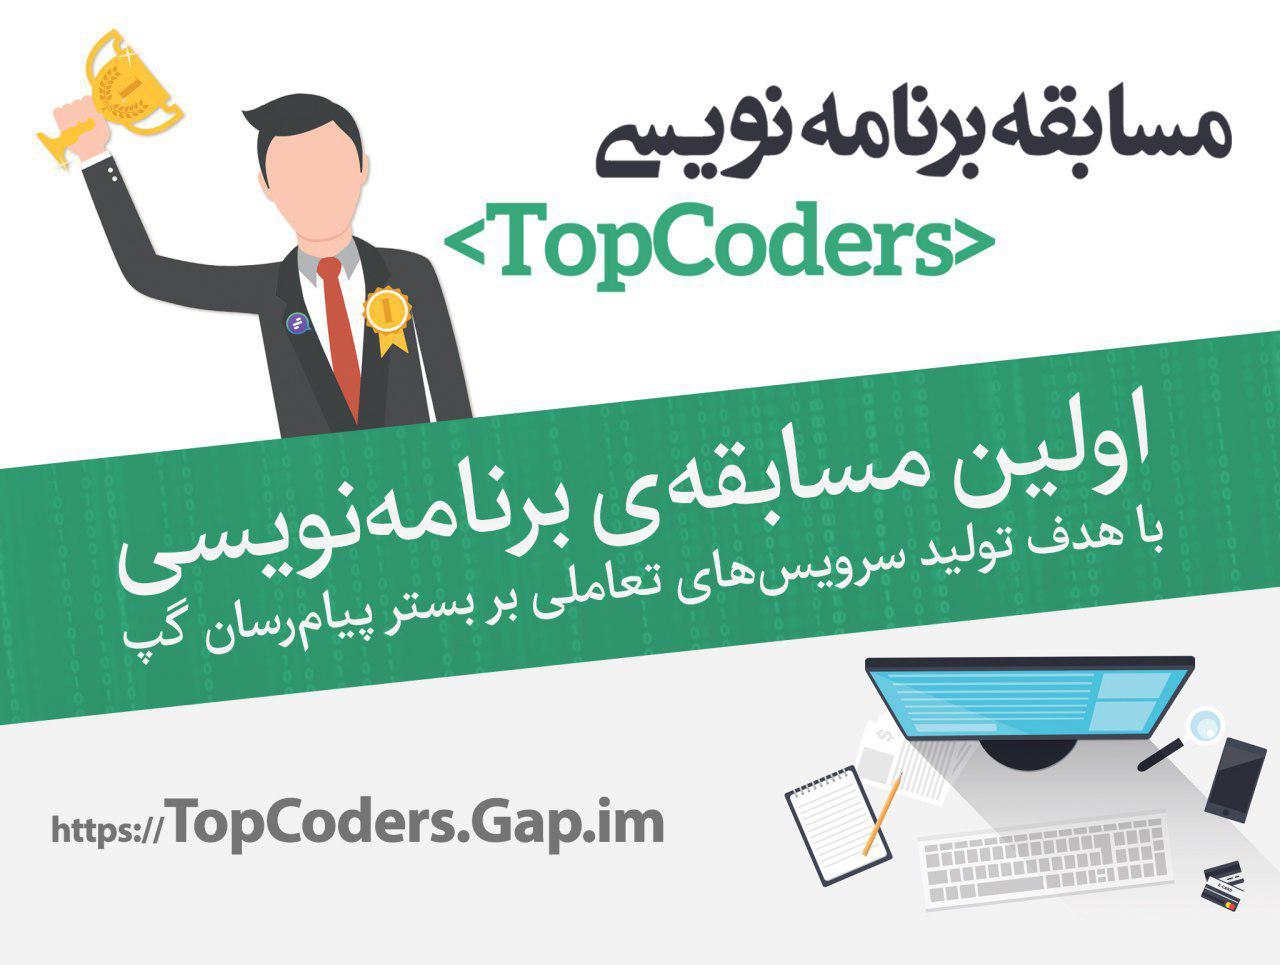 برگزاری نخستین مسابقهی برنامهنویسی؛ با هدف تولید سرویسهای تعاملی بر بستر پیامرسان گپ